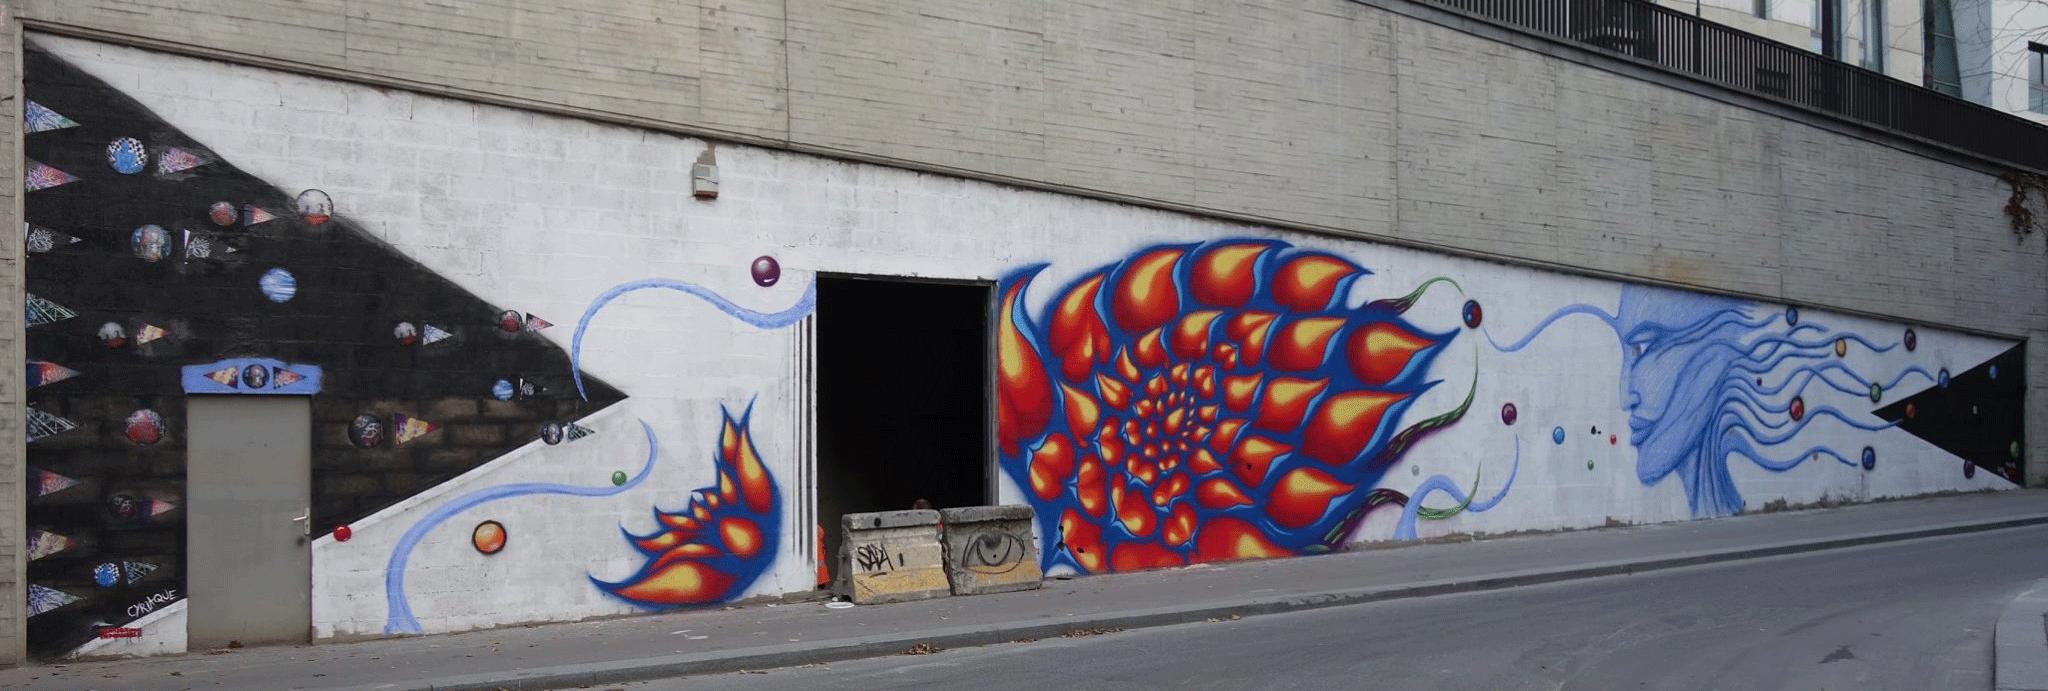 street-art, urban-art, wall, artistes